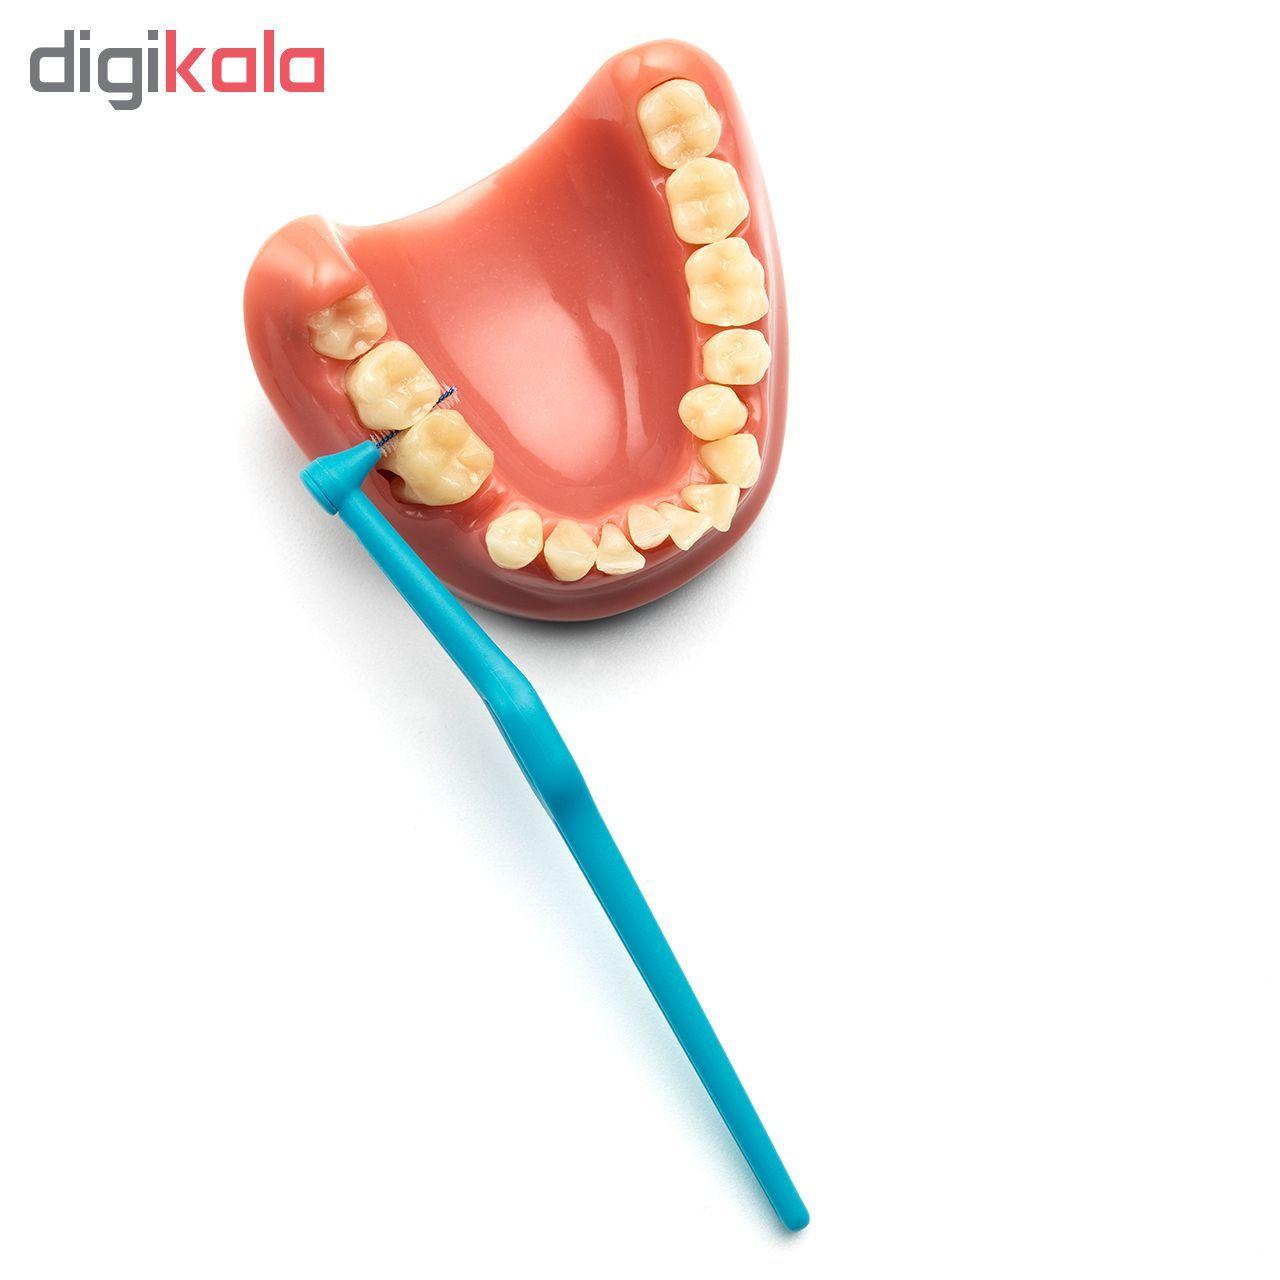 مسواک بین دندانی تهپه مدل Angle سایز 3 بسته ۶ عددی main 1 2